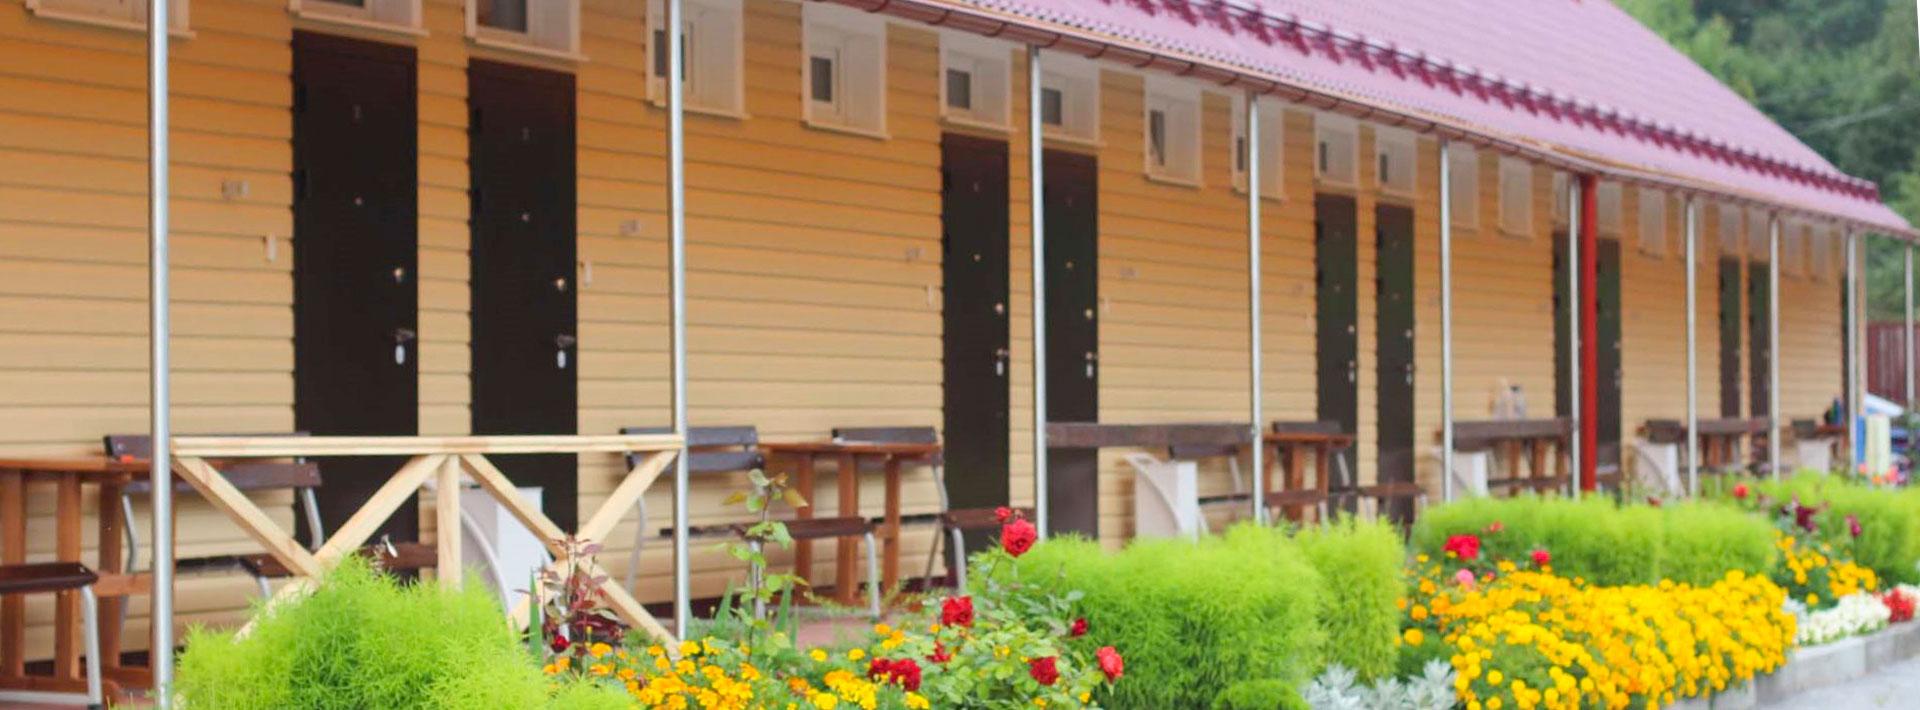 Номера-студио с отдельными входами, столом и лавкой у двери, красивыми газонами. База отдыха Розовая дача